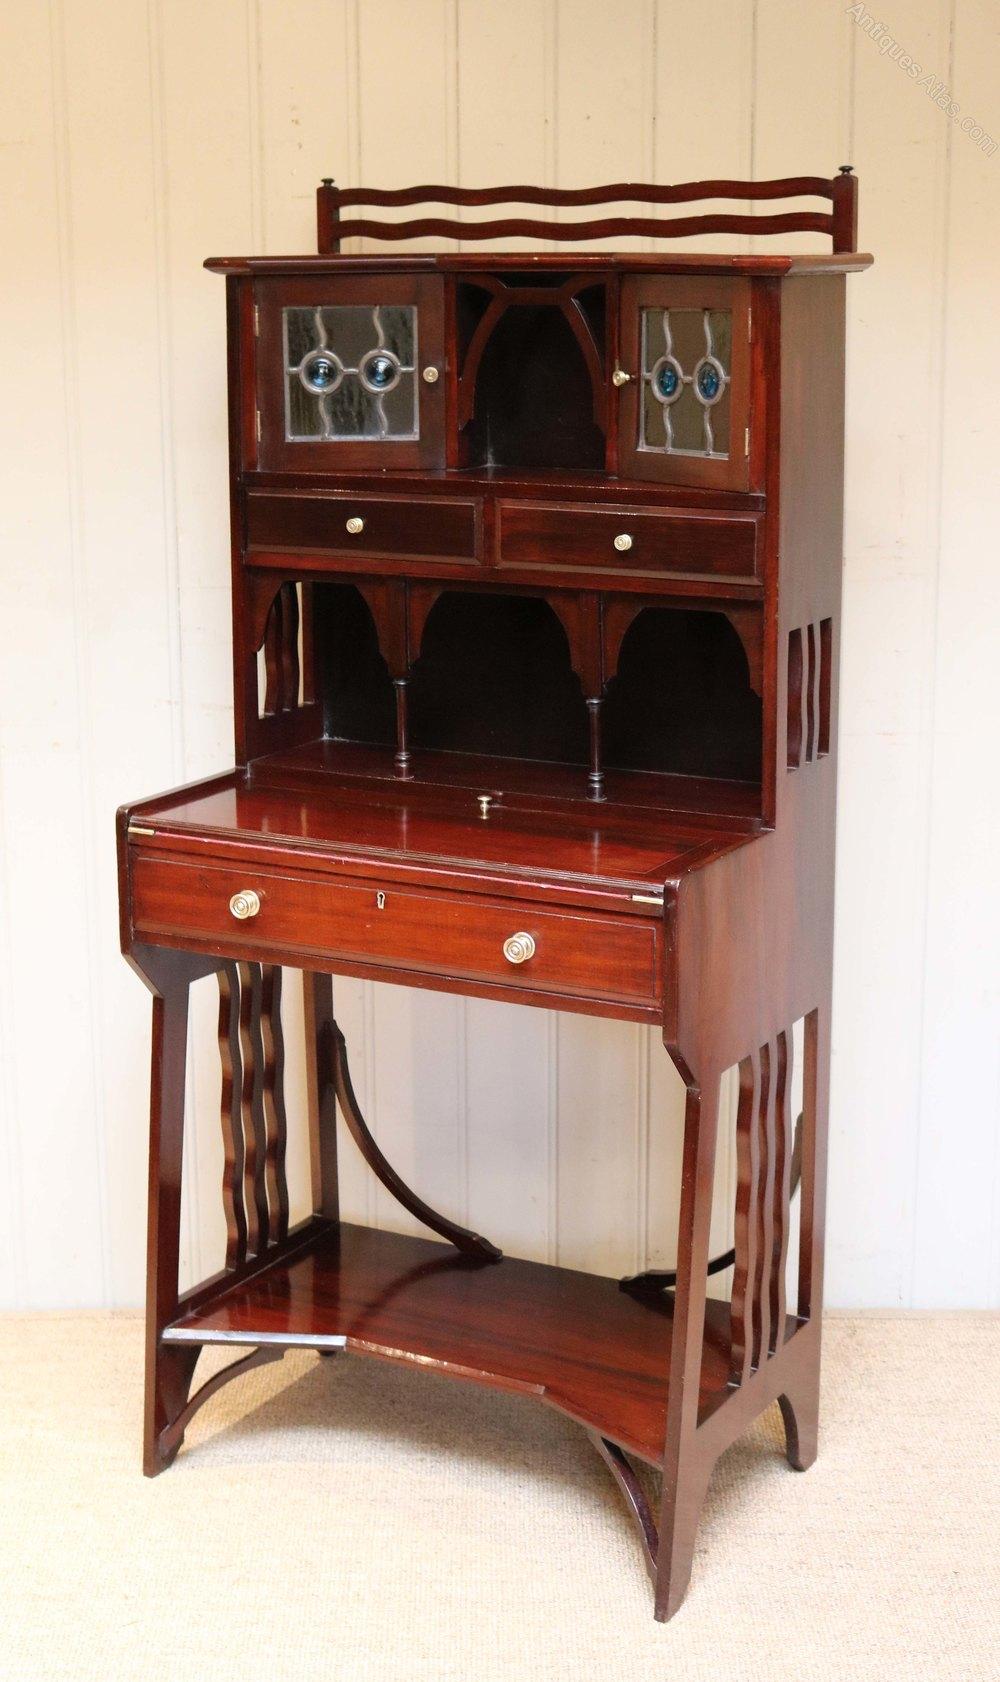 liberty u0026 co arts and crafts mahogany desk antique desks - Mahogany Desk